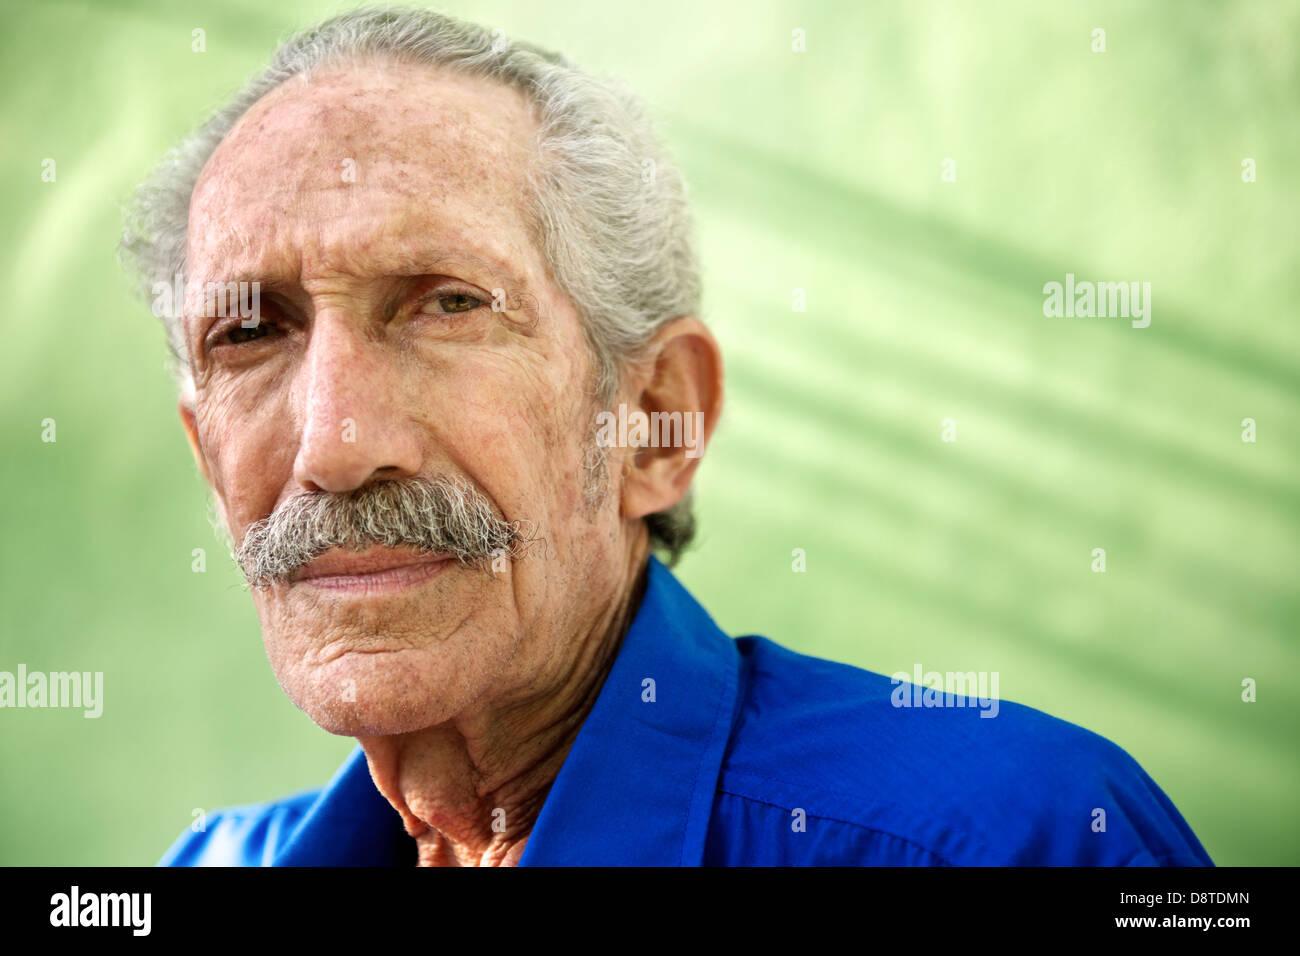 Le persone anziane e le emozioni, ritratto di gravi senior uomo caucasico guardando la telecamera contro il muro Immagini Stock